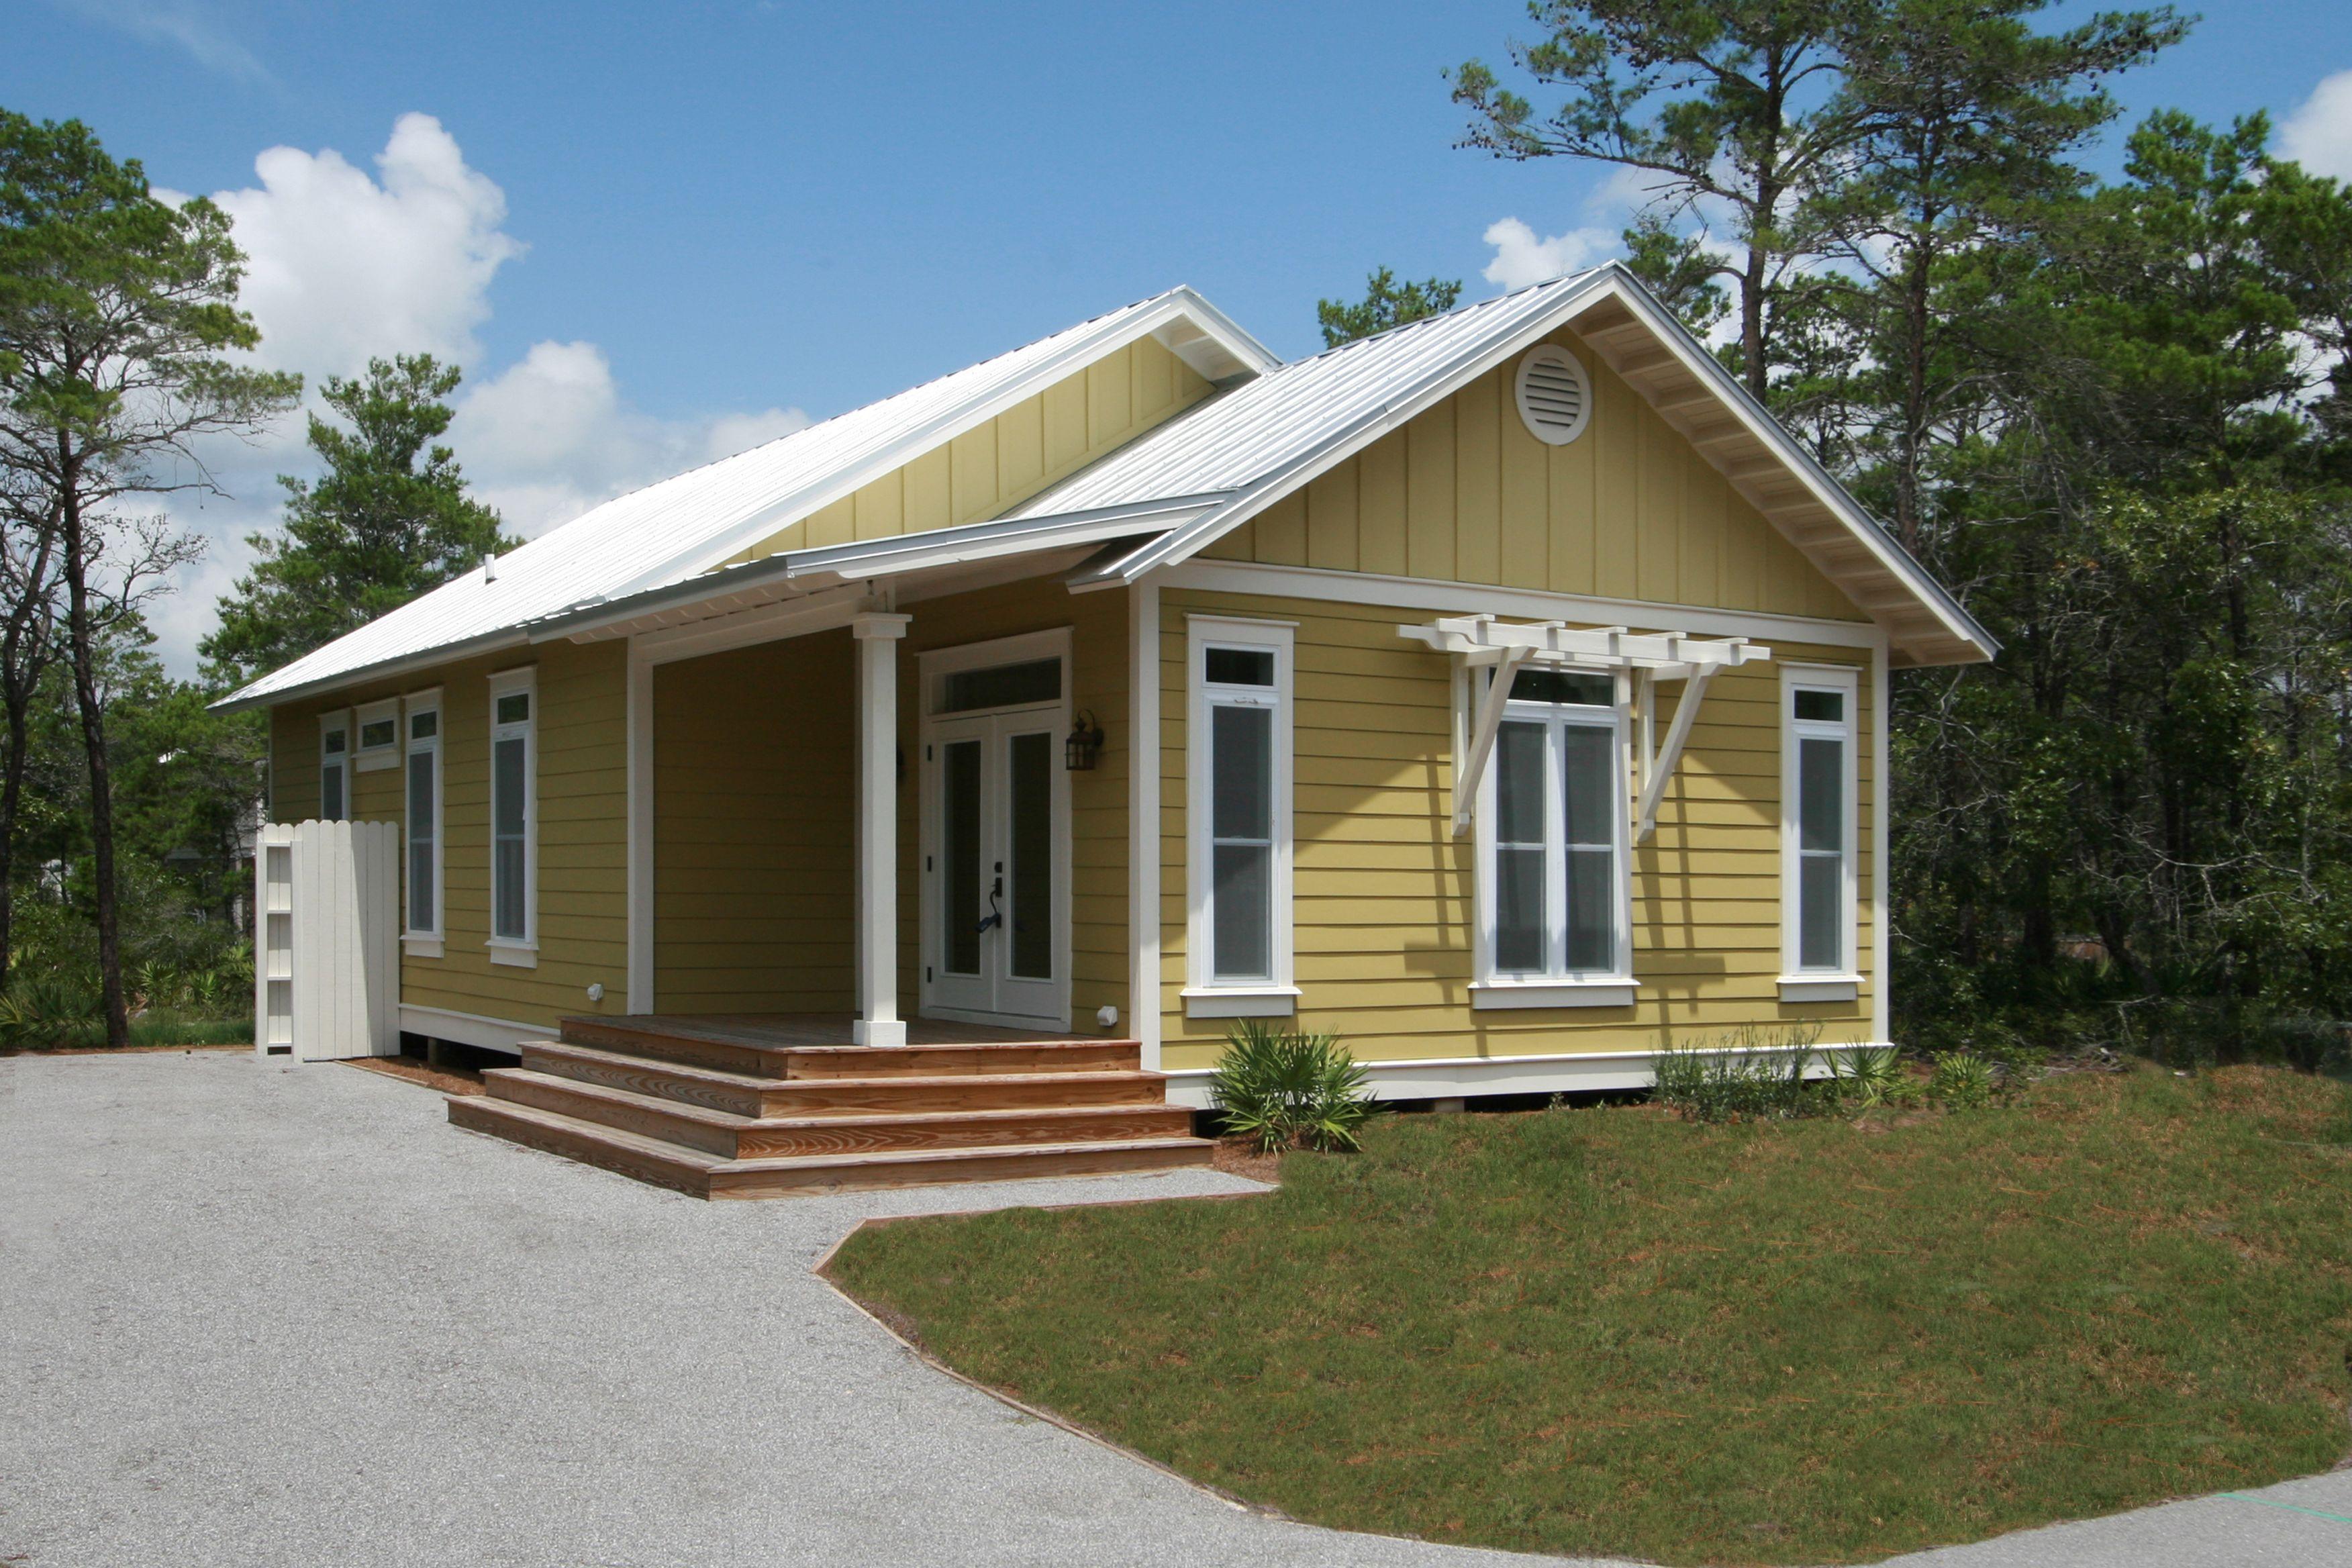 Custom ranch coastal modular home design by Nationwide ...